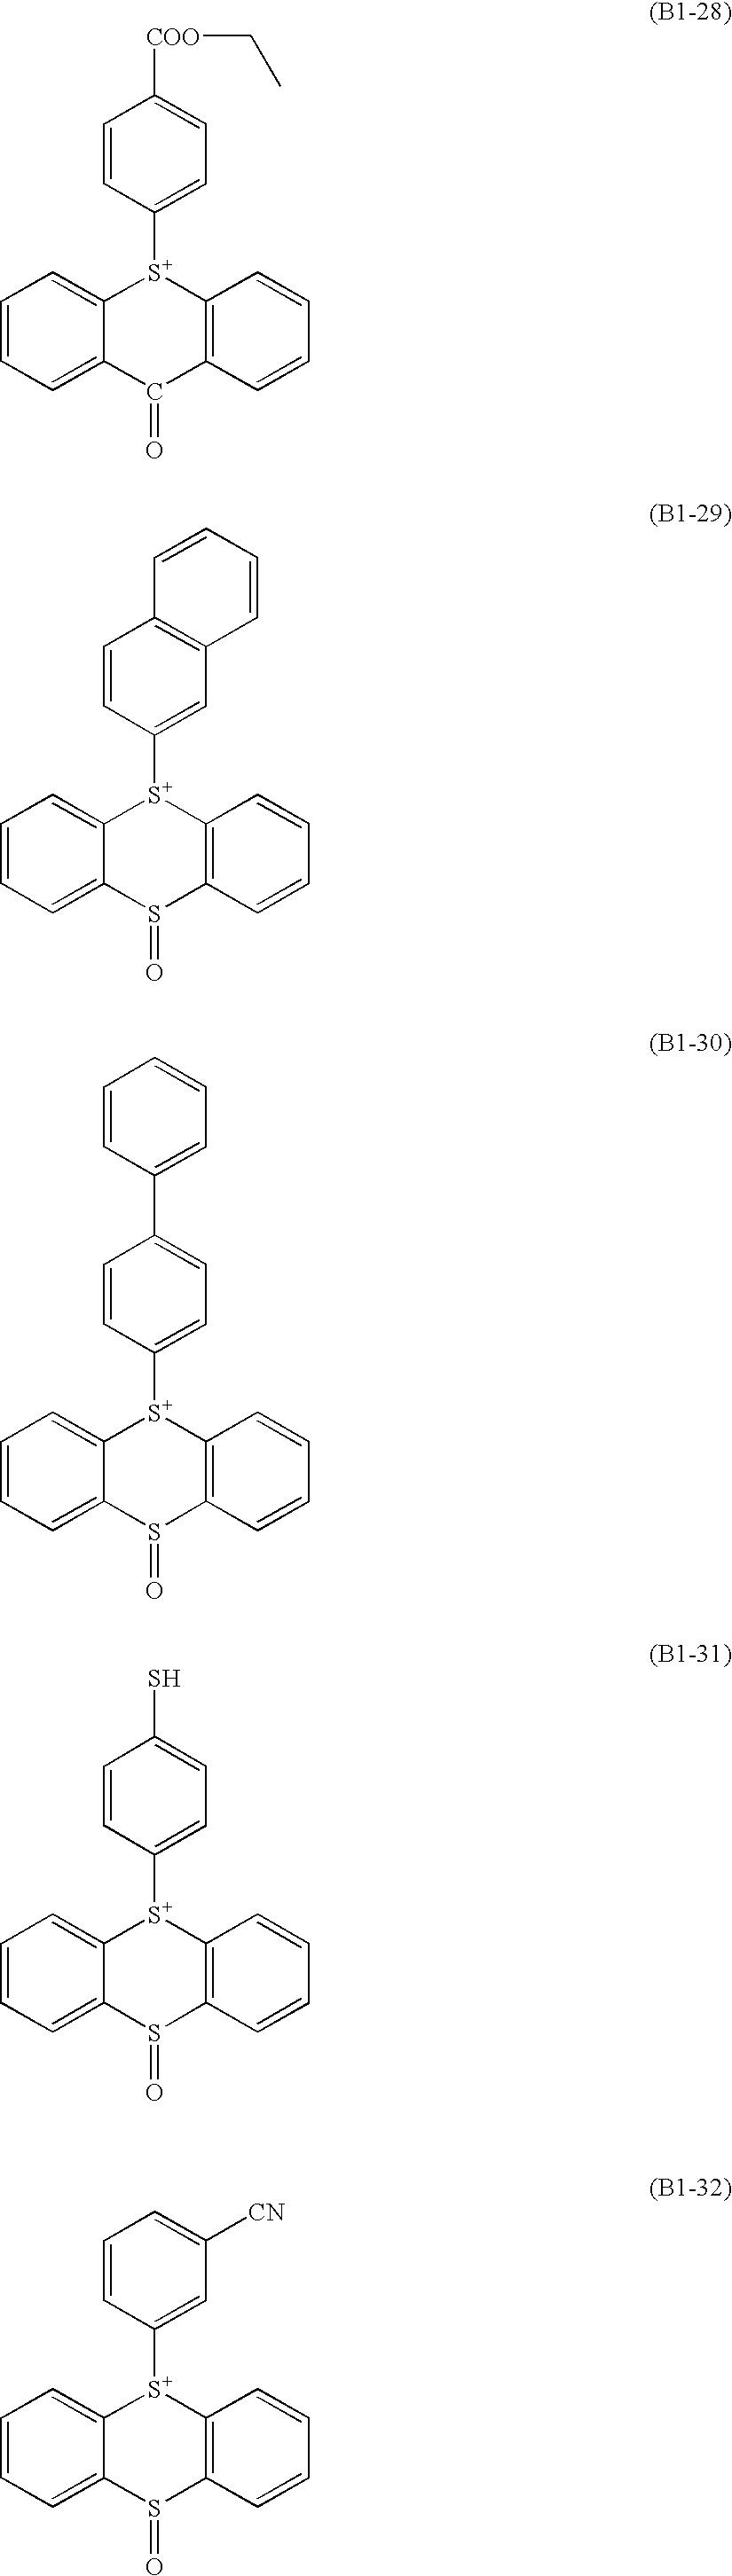 Figure US20100183975A1-20100722-C00015